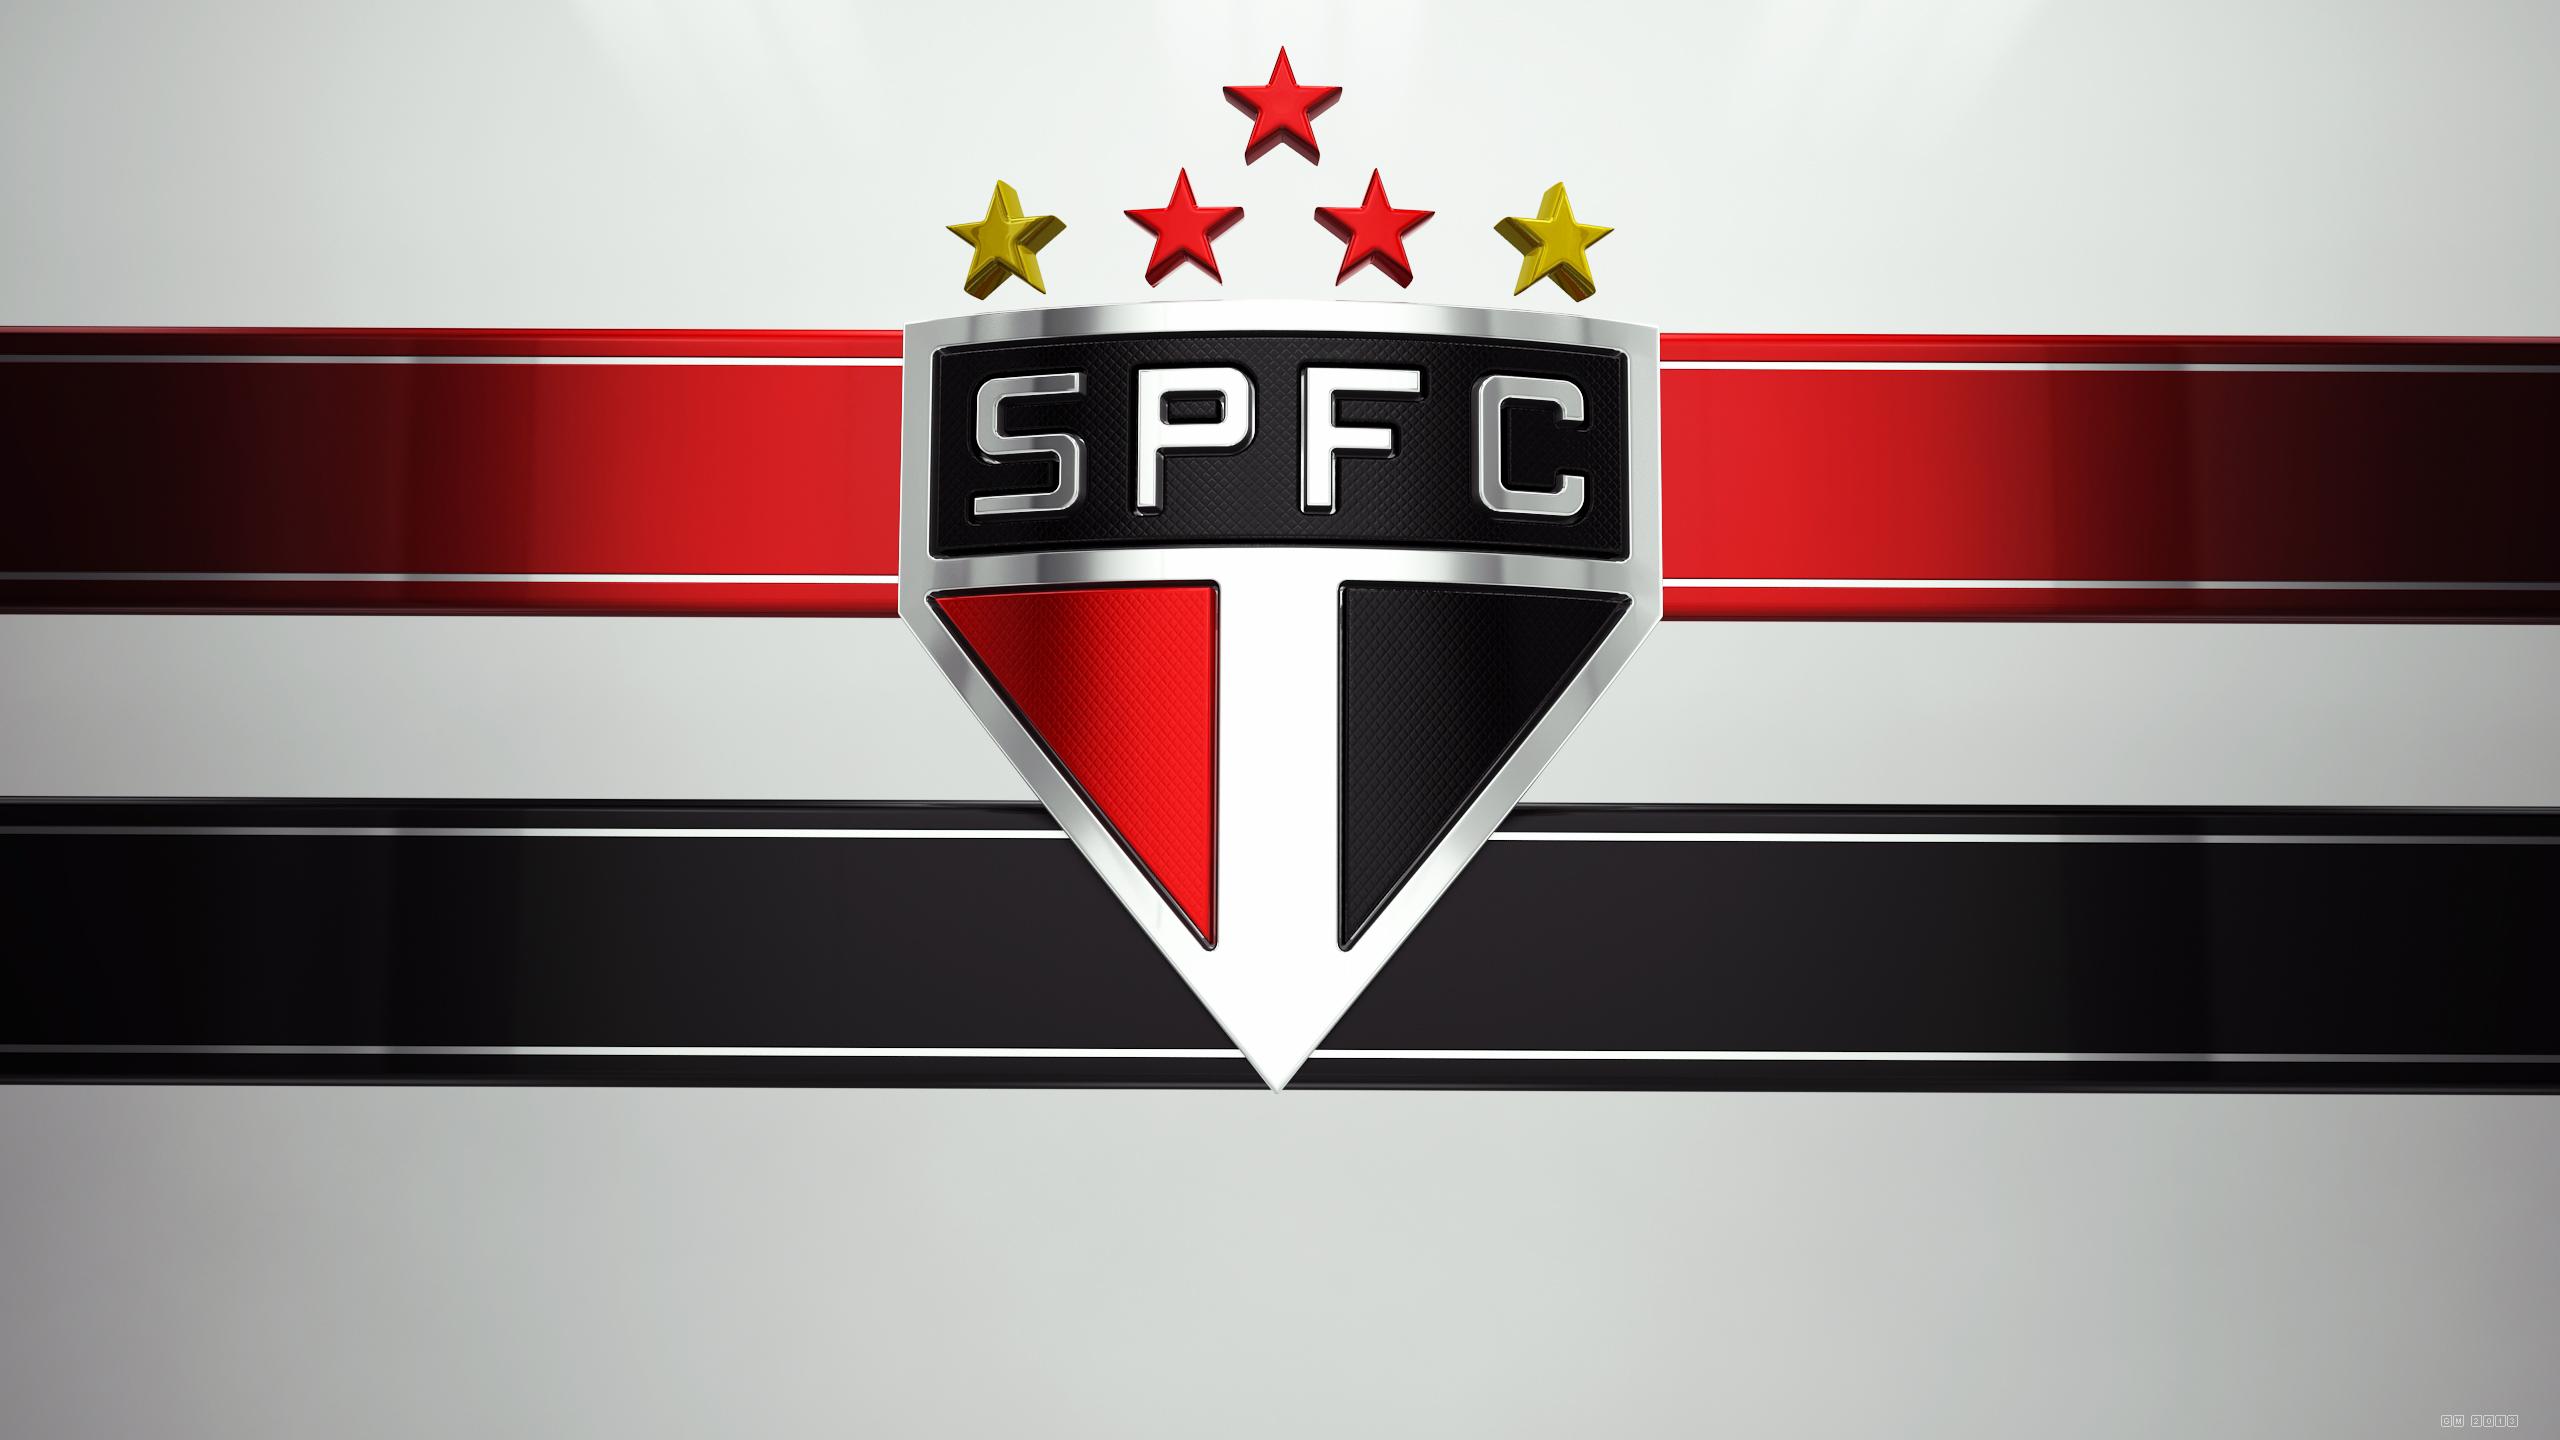 São Paulo Futebol Clube - SPFC Wallpaper Full HD ...